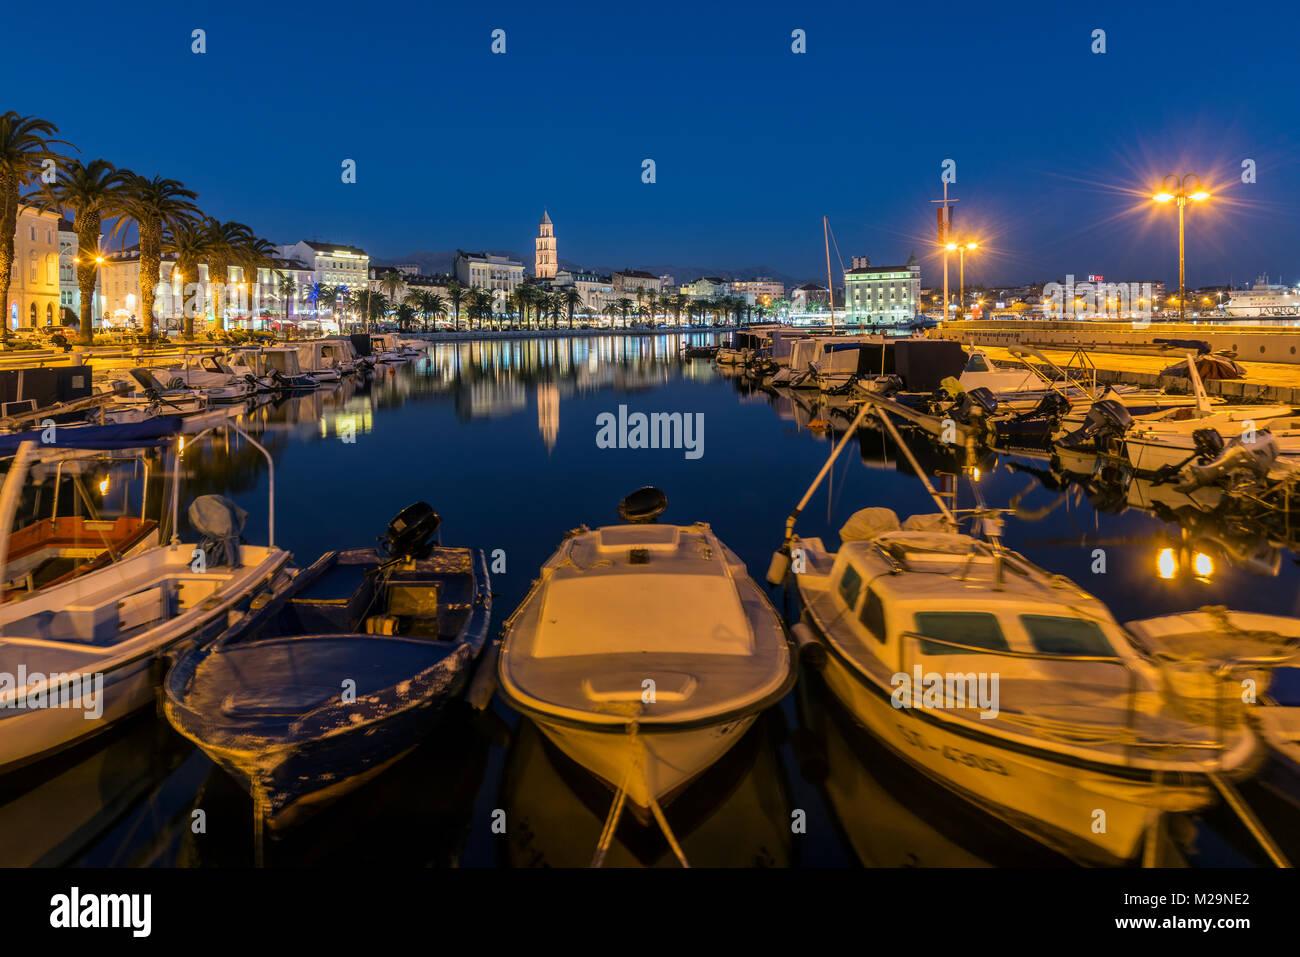 Wasser und Hafen mit Kathedrale des Heiligen Domnius im Hintergrund, Split, Dalmatien, Kroatien Stockbild